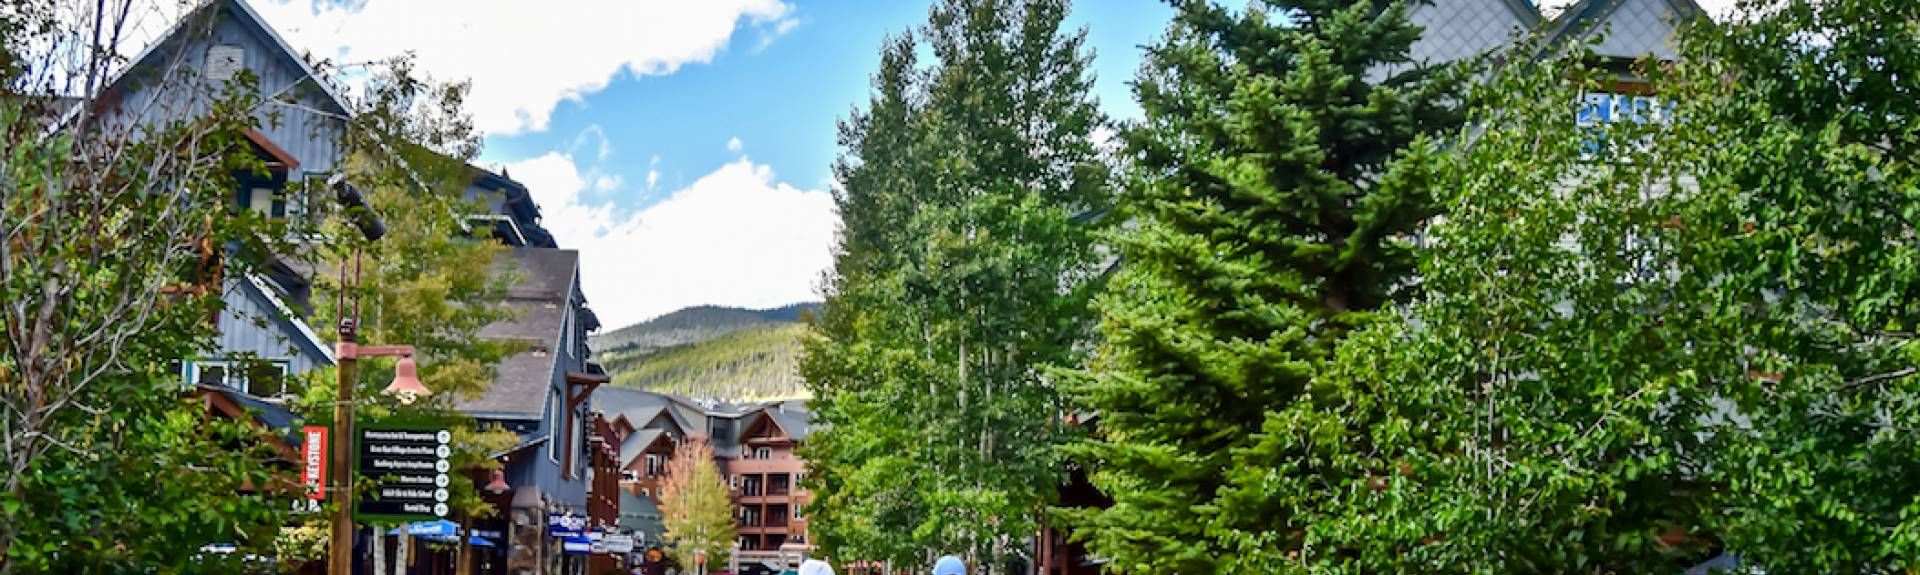 Domaine skiable de Keystone, Keystone, Colorado, États-Unis d'Amérique